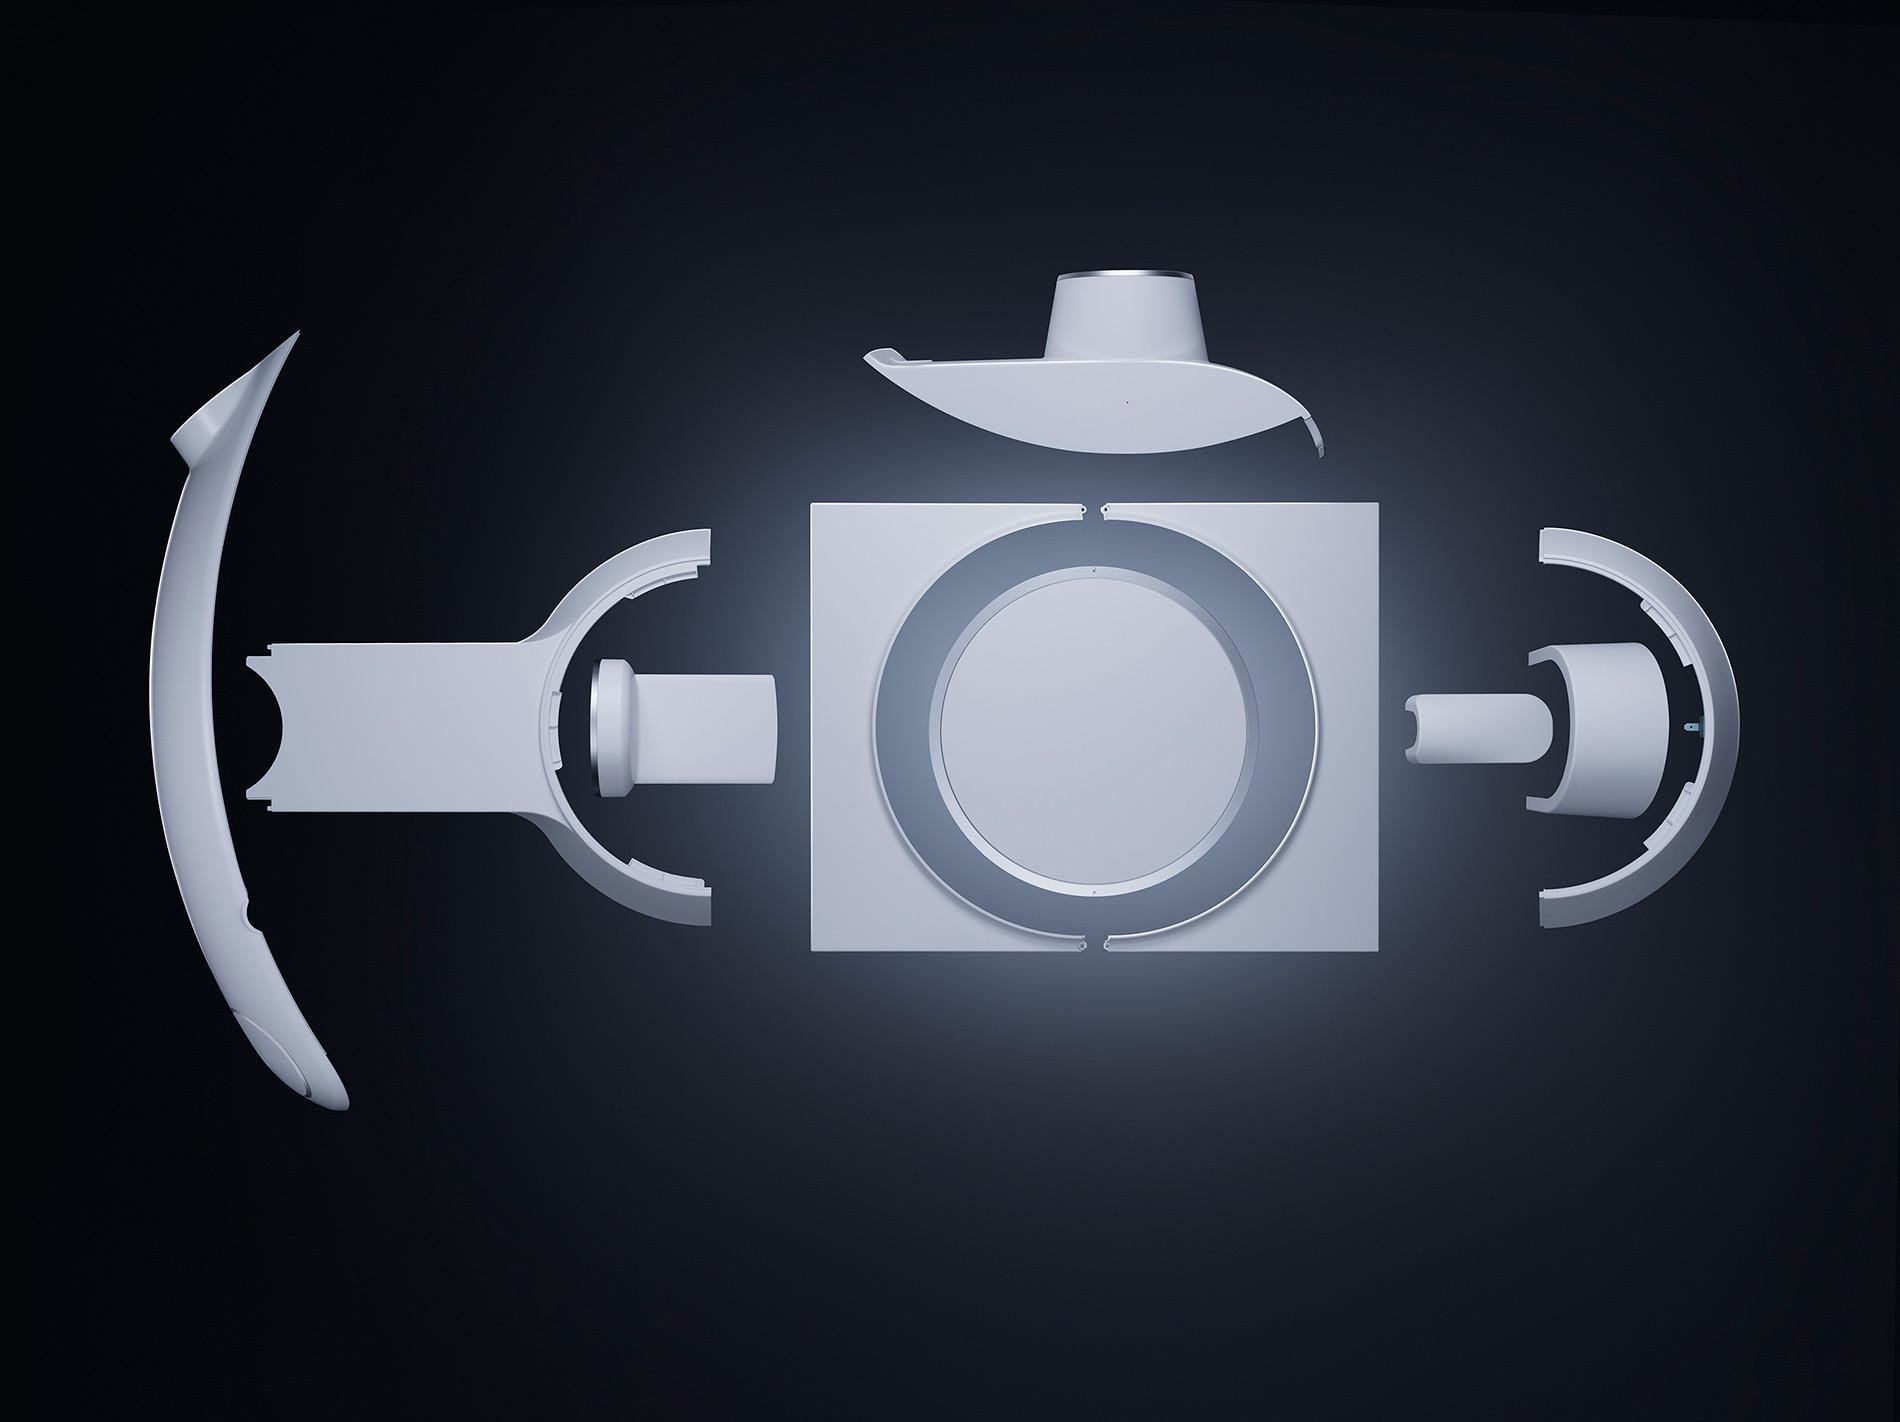 Für das 3D-Röntgengerät mit Flexarm fertigt und liefert Fried Kunststofftechnik die Gehäuseteile für sämtliche C-Bögen.